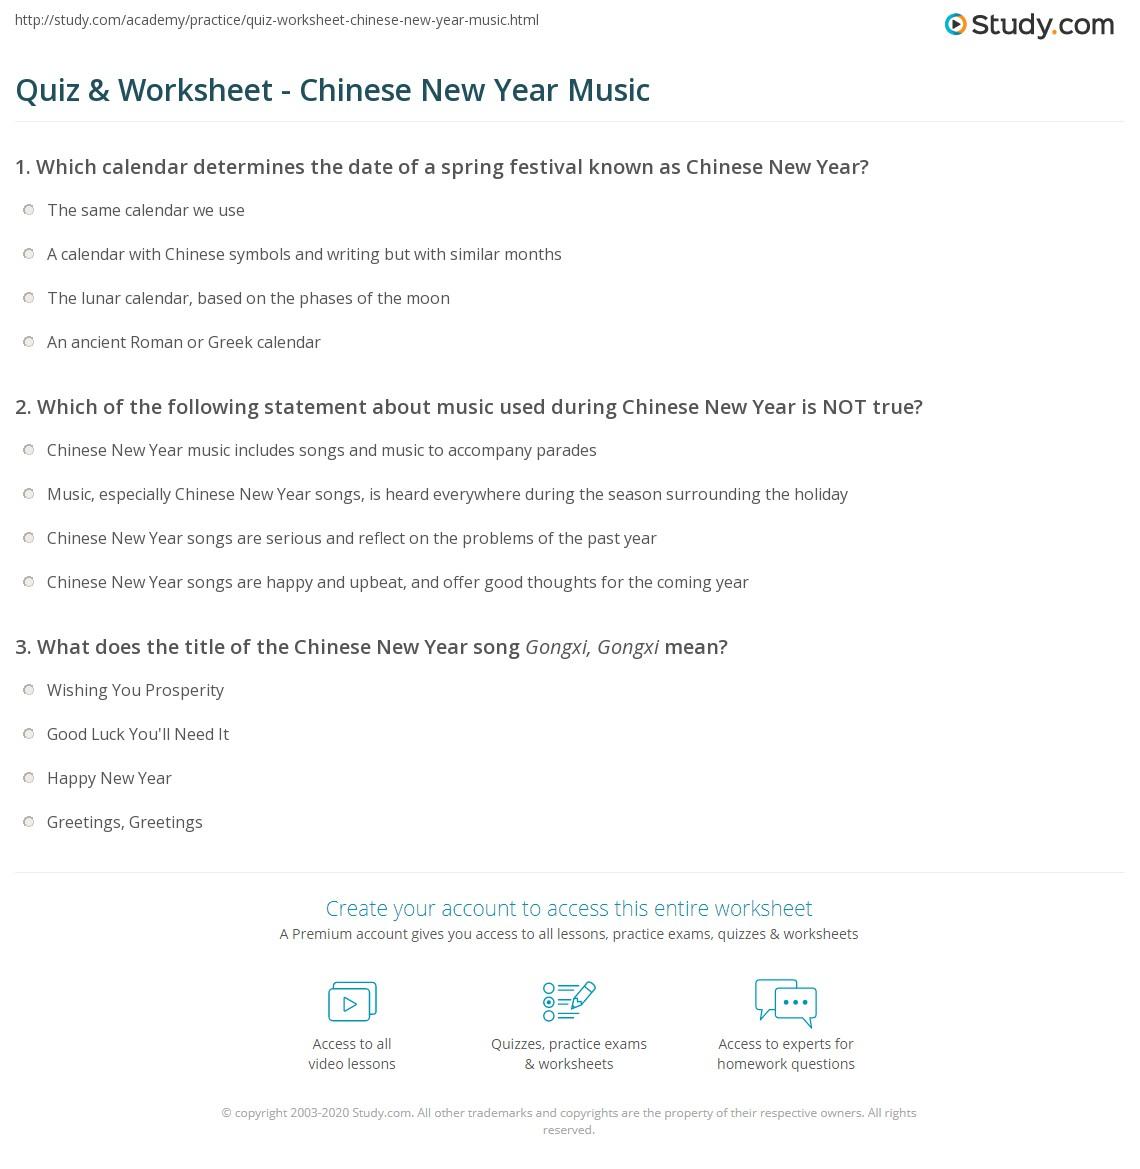 Quiz worksheet chinese new year music study print chinese new year music instruments songs worksheet biocorpaavc Choice Image